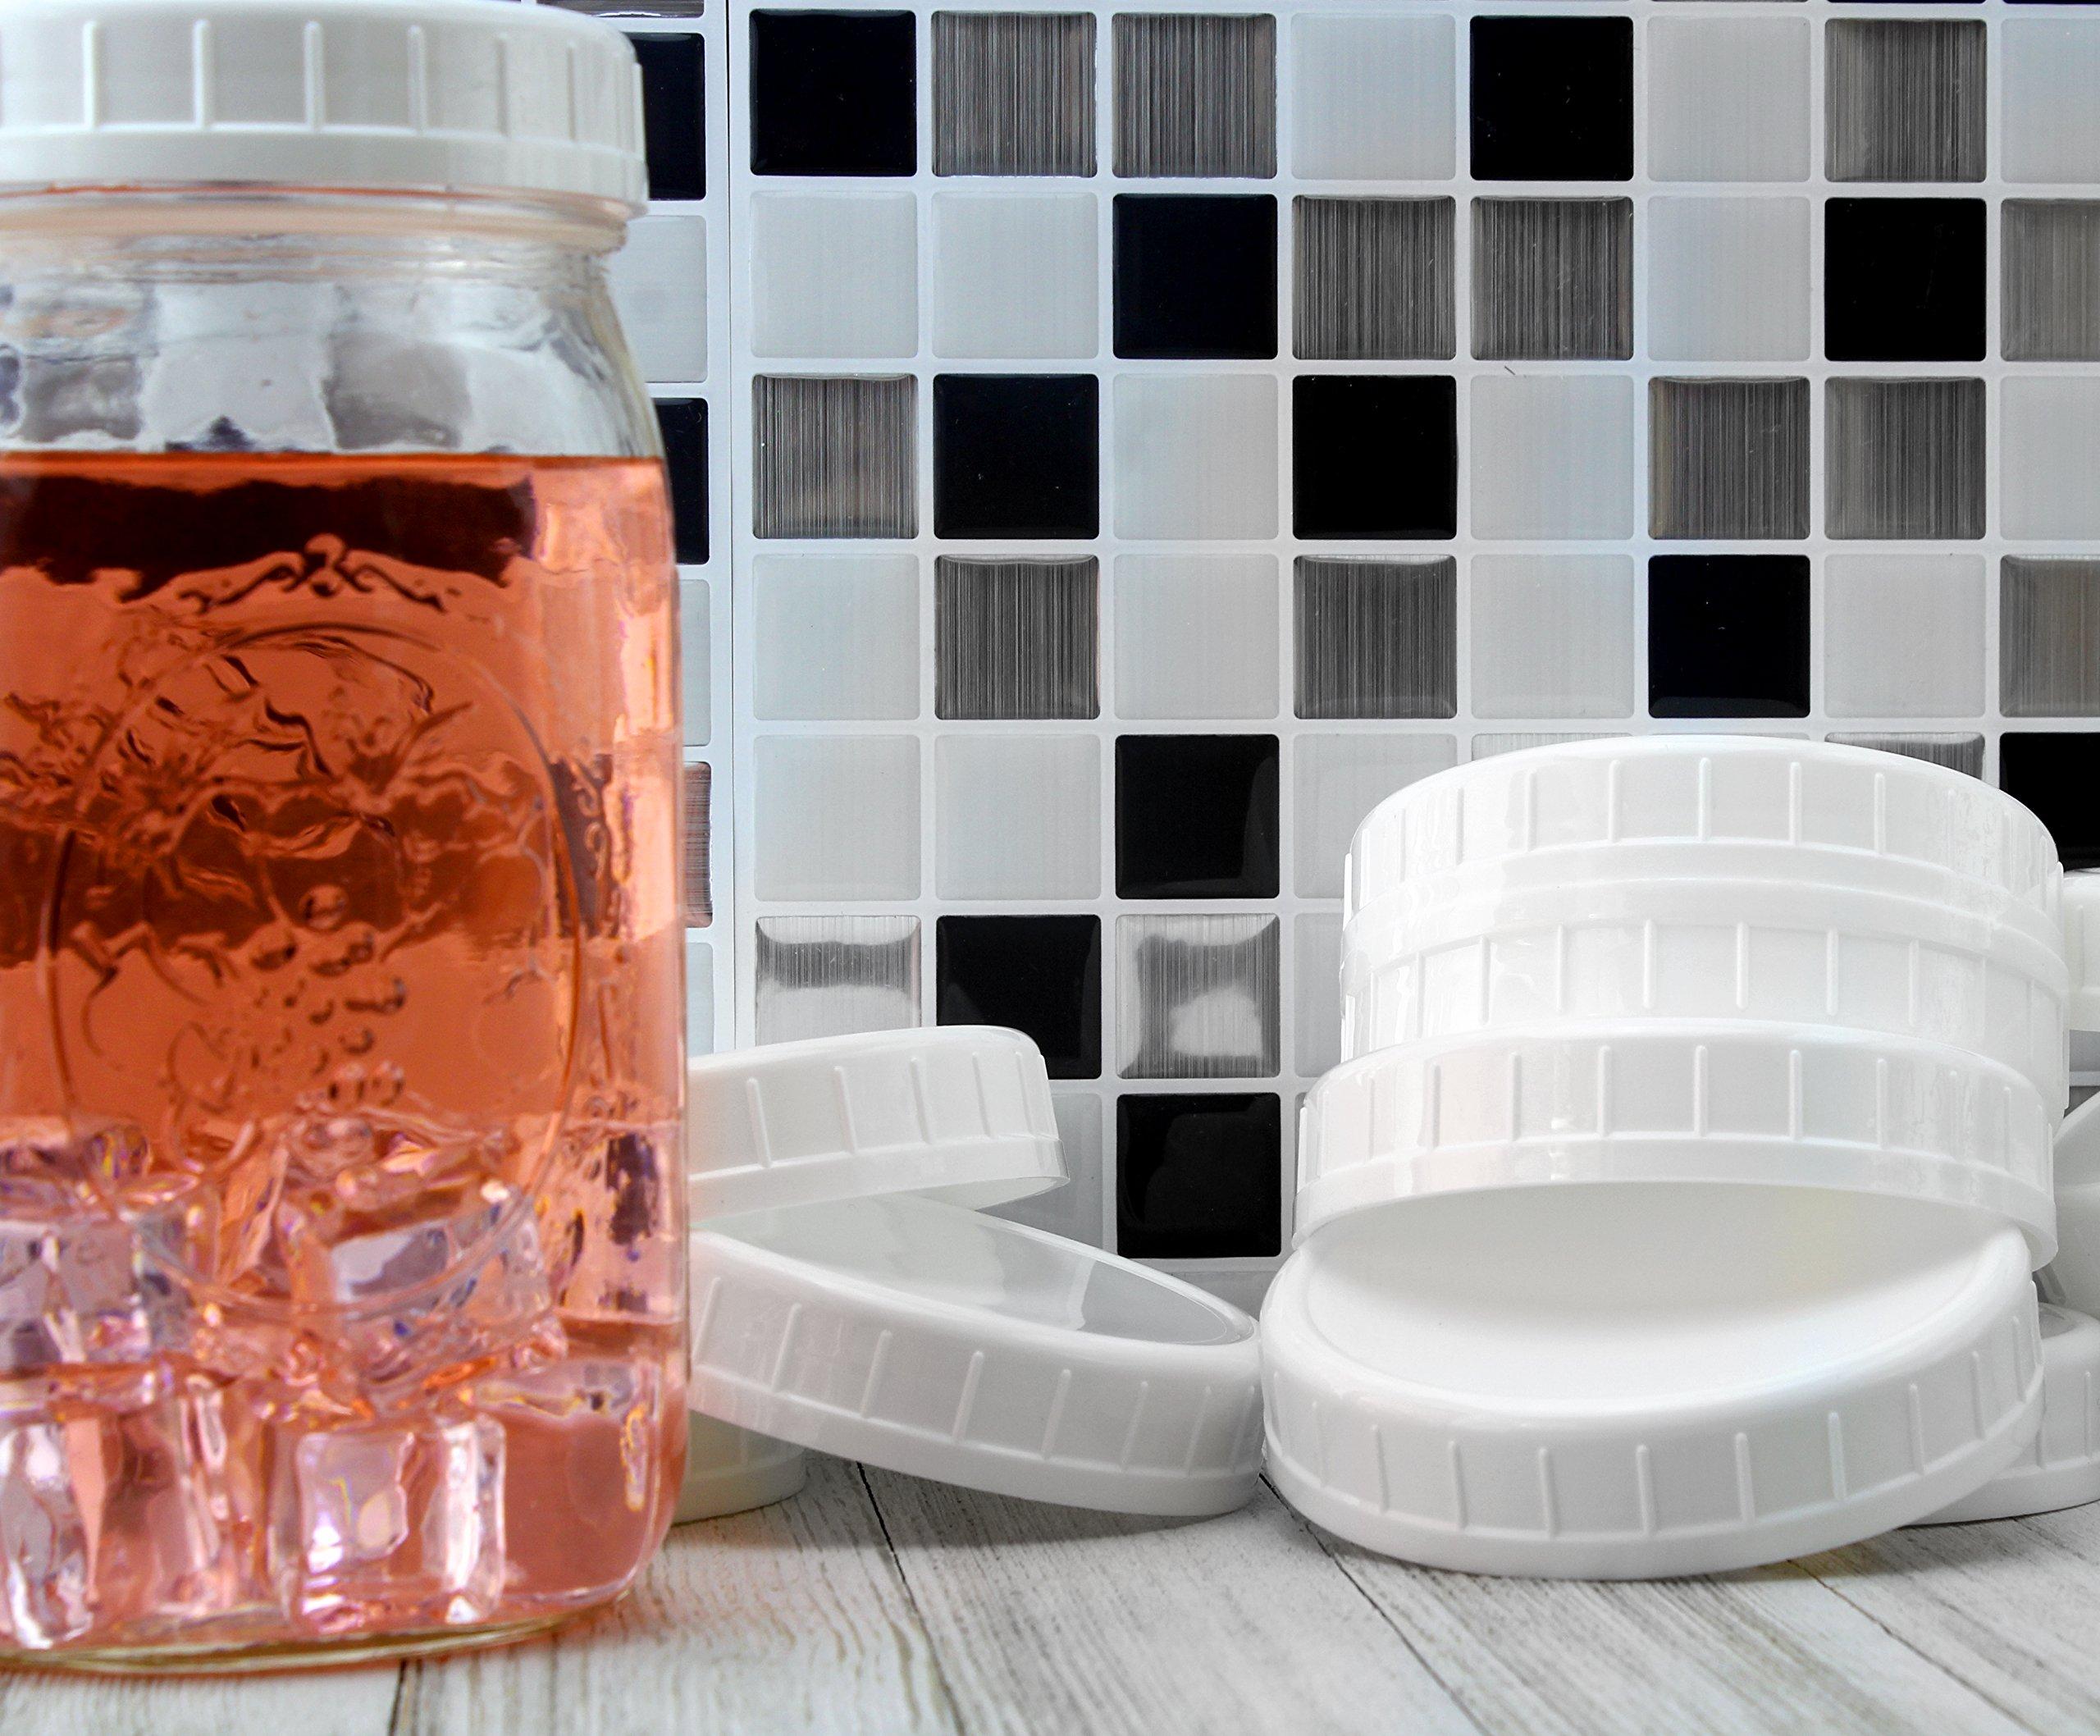 Two Dozen Wide Mouth Plastic Mason Jar Lids (24-Pack Bundle); 2 Dozen Unlined White Ribbed Lids, 86-450 Size by Cornucopia Brands (Image #5)